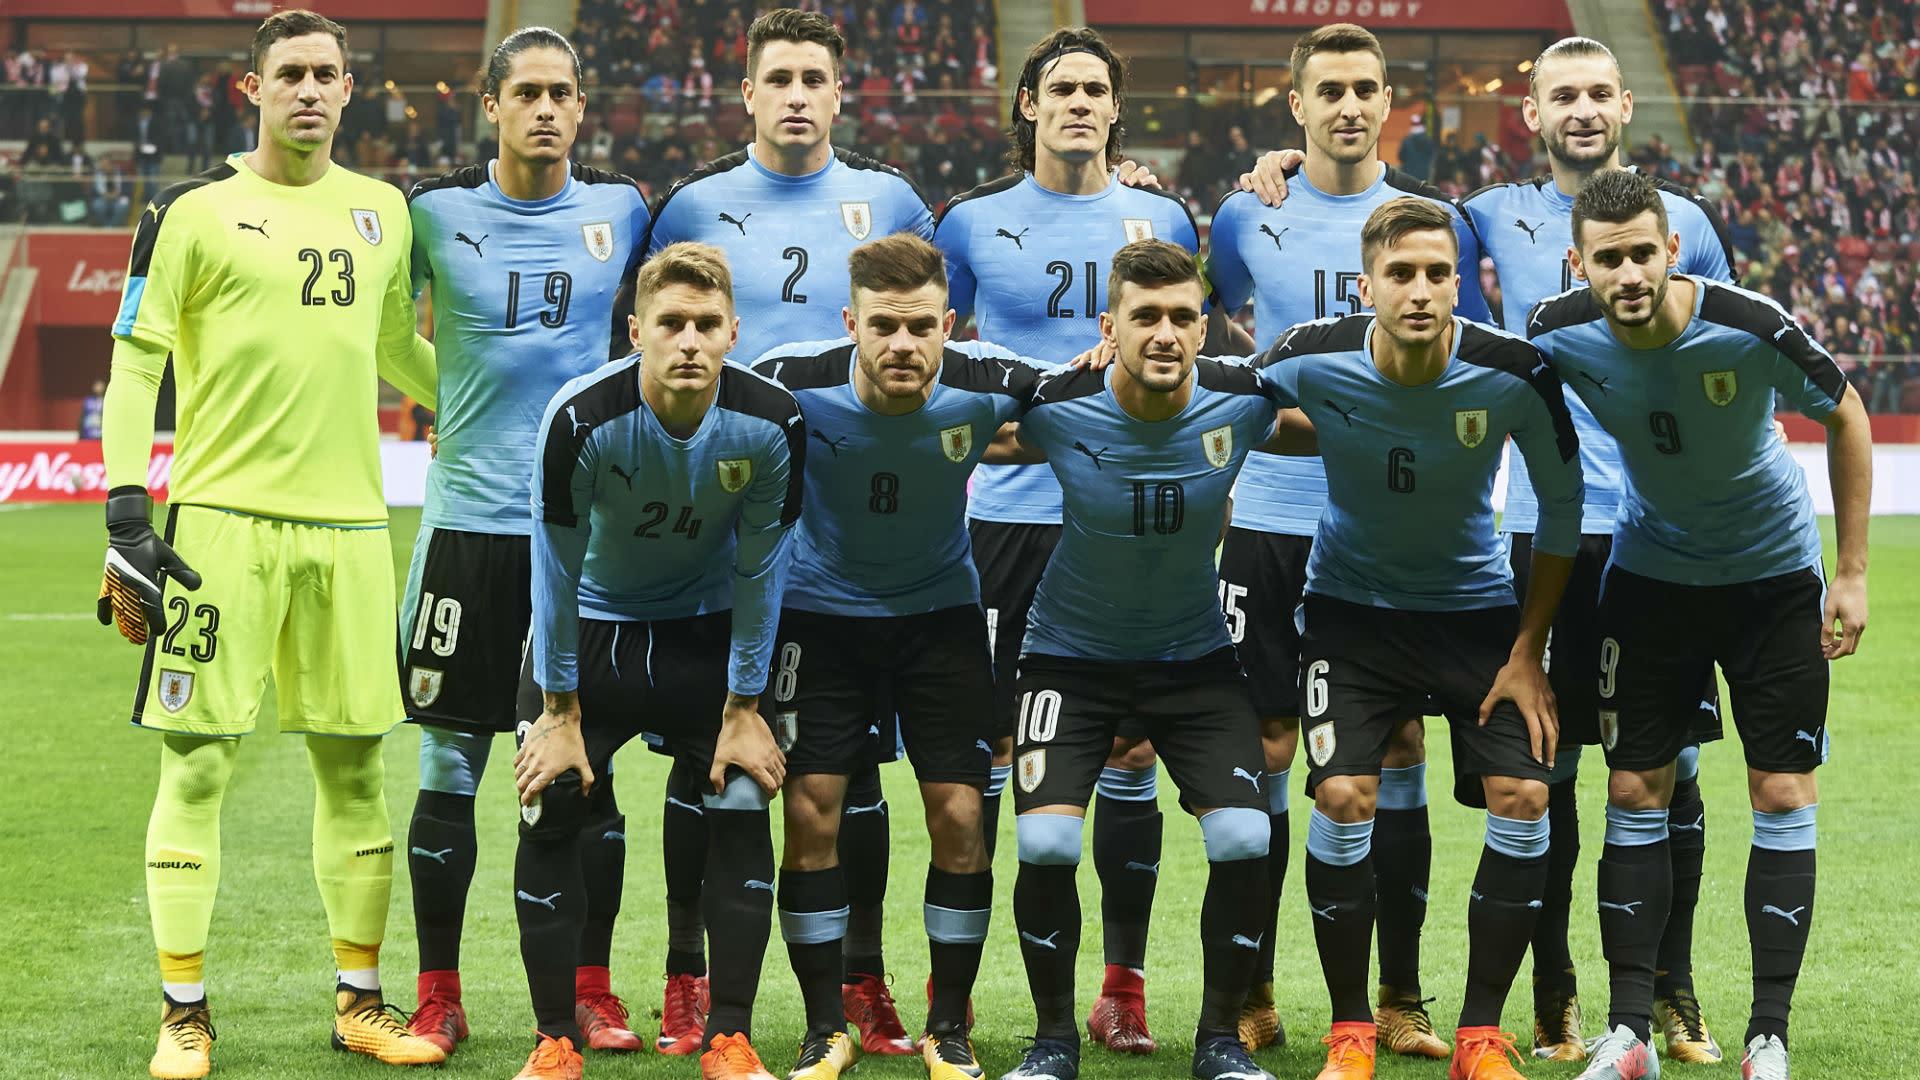 Image Result For Argentina Streaming En Vivo Vs En Vivo Alemania C